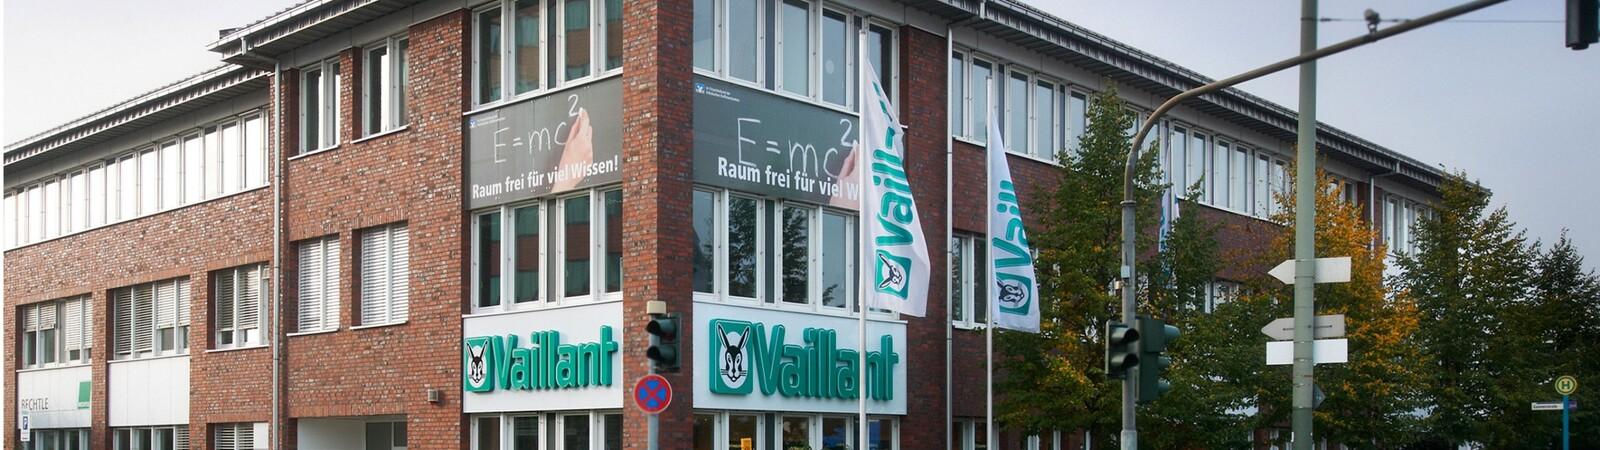 https://www.vaillant.de/vaillant-de/2-service/kontakt/standorte/vaillant-frankfurt/vaillant-frankfurt-kundenforum-571802-format-32-9@1600@desktop.jpg